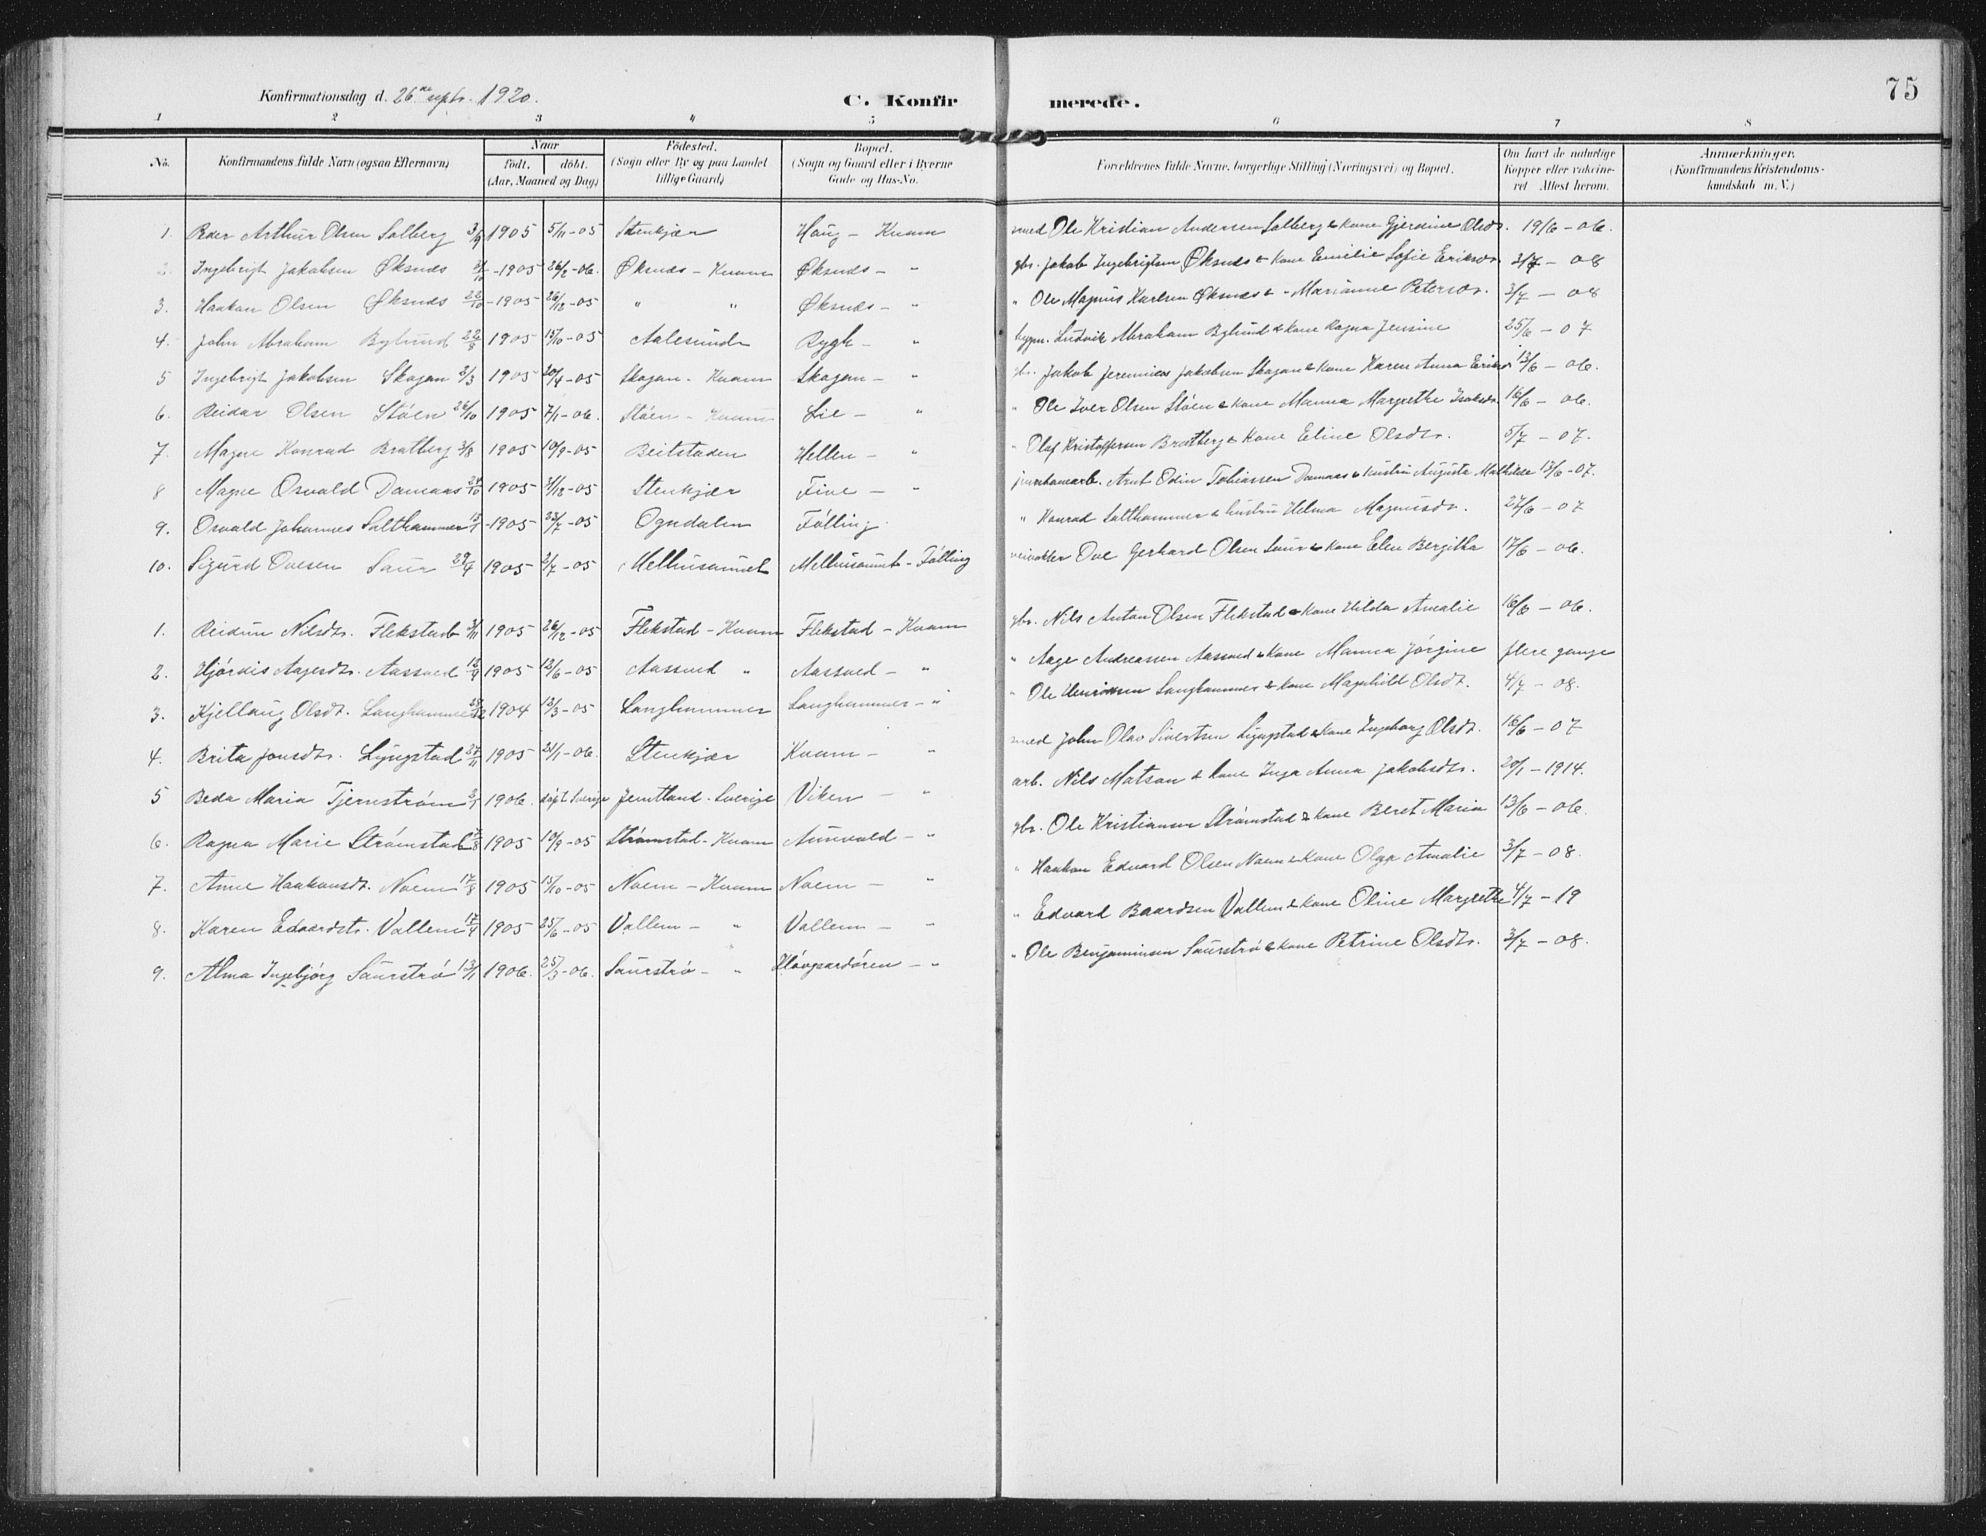 SAT, Ministerialprotokoller, klokkerbøker og fødselsregistre - Nord-Trøndelag, 747/L0460: Klokkerbok nr. 747C02, 1908-1939, s. 75